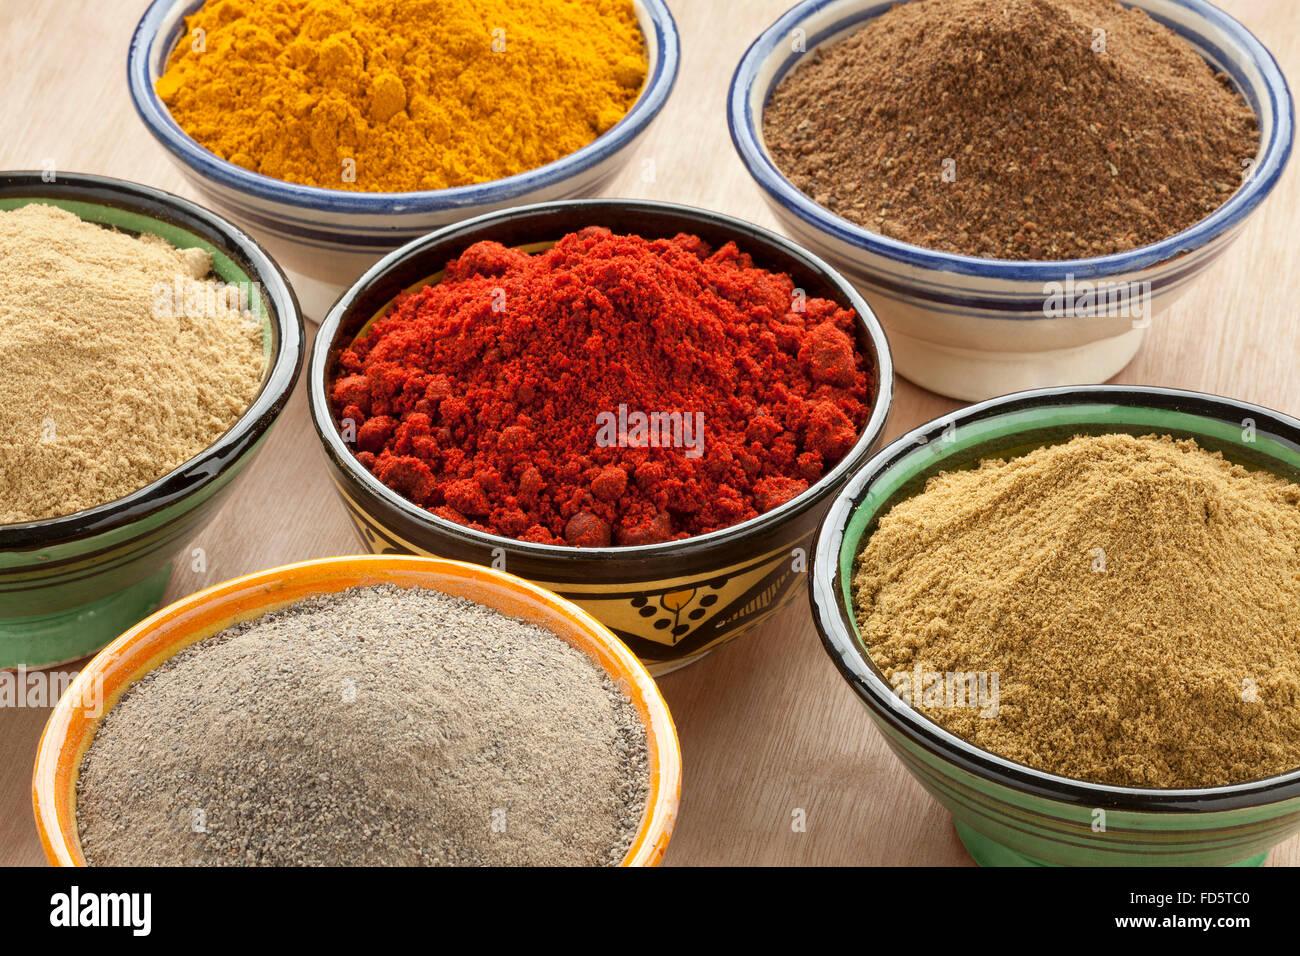 Tazones marroquí con diferentes especias molidas Imagen De Stock